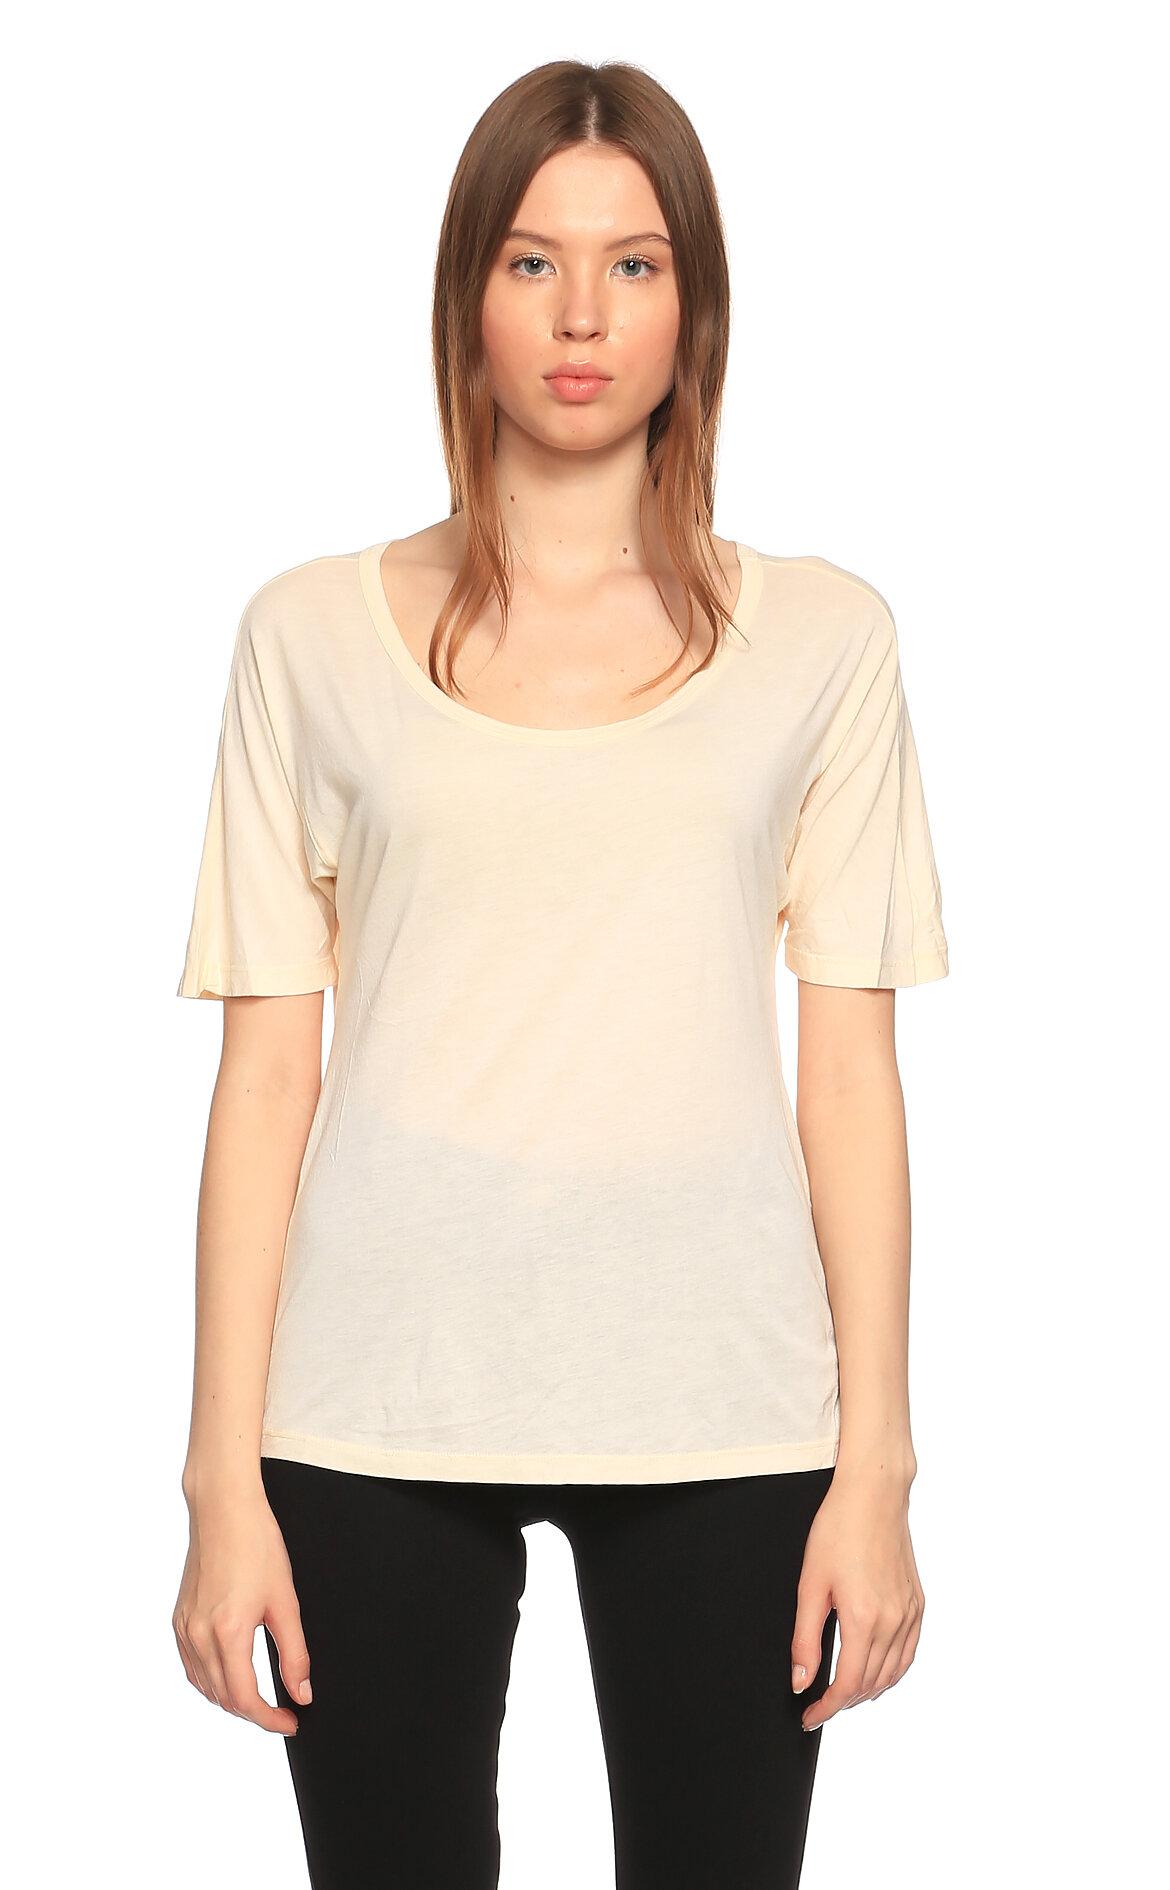 Clu-Clu Yuvarlak Yaka Krem T-Shirt